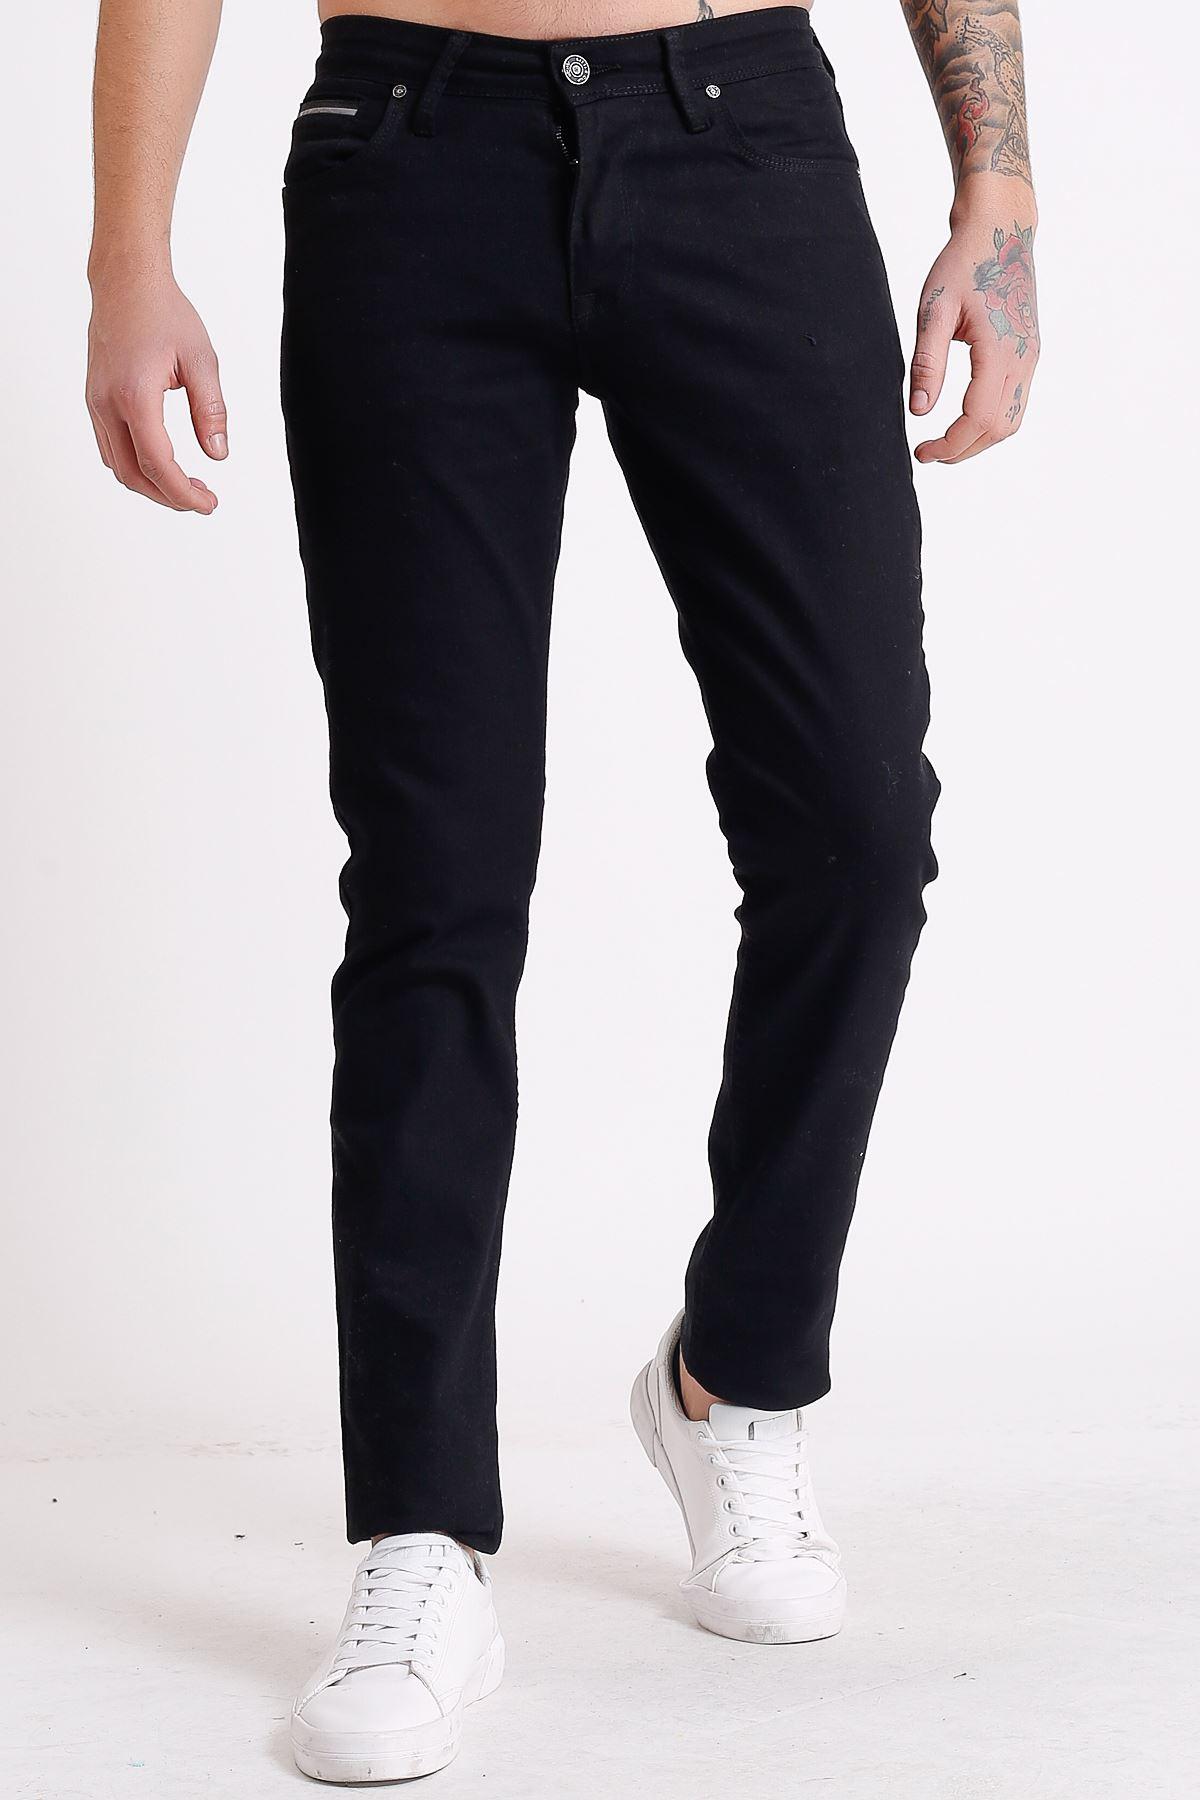 Reflektör Şerit Cepli Siyah Slim Fit Fermuarlı Erkek Jeans Pantolon